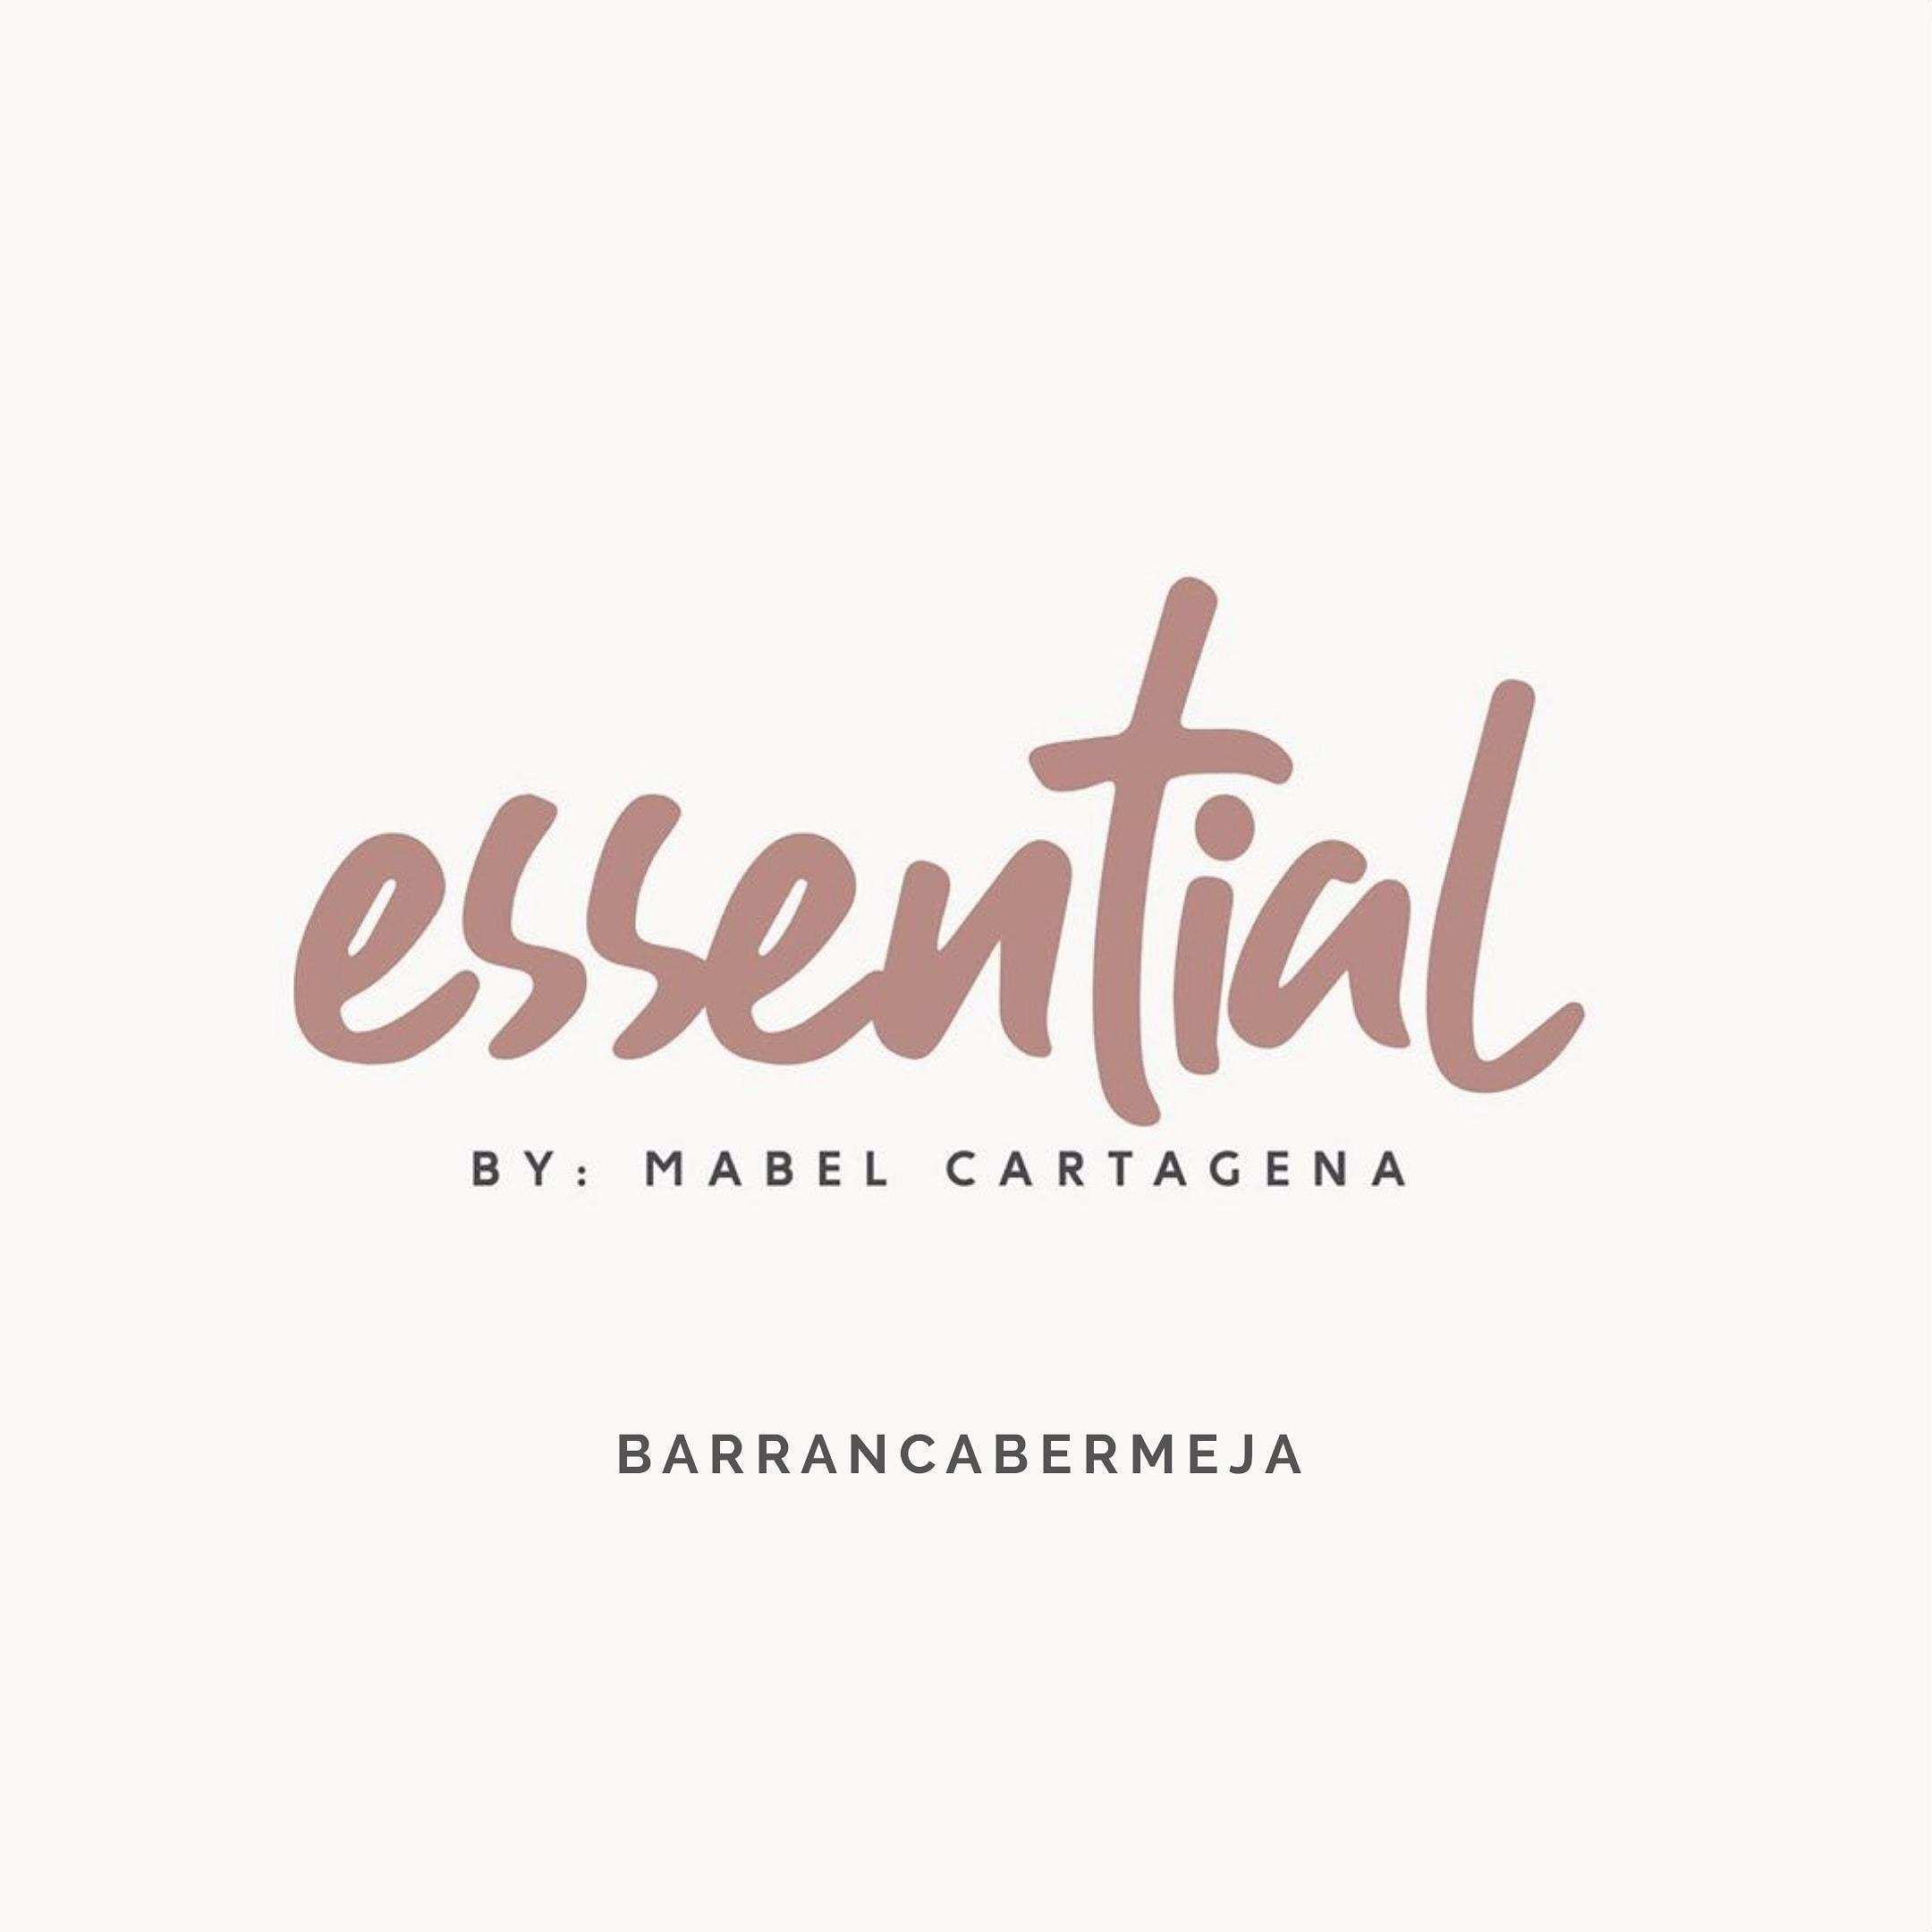 @Essentialbarrancabja Profile Image   Linktree